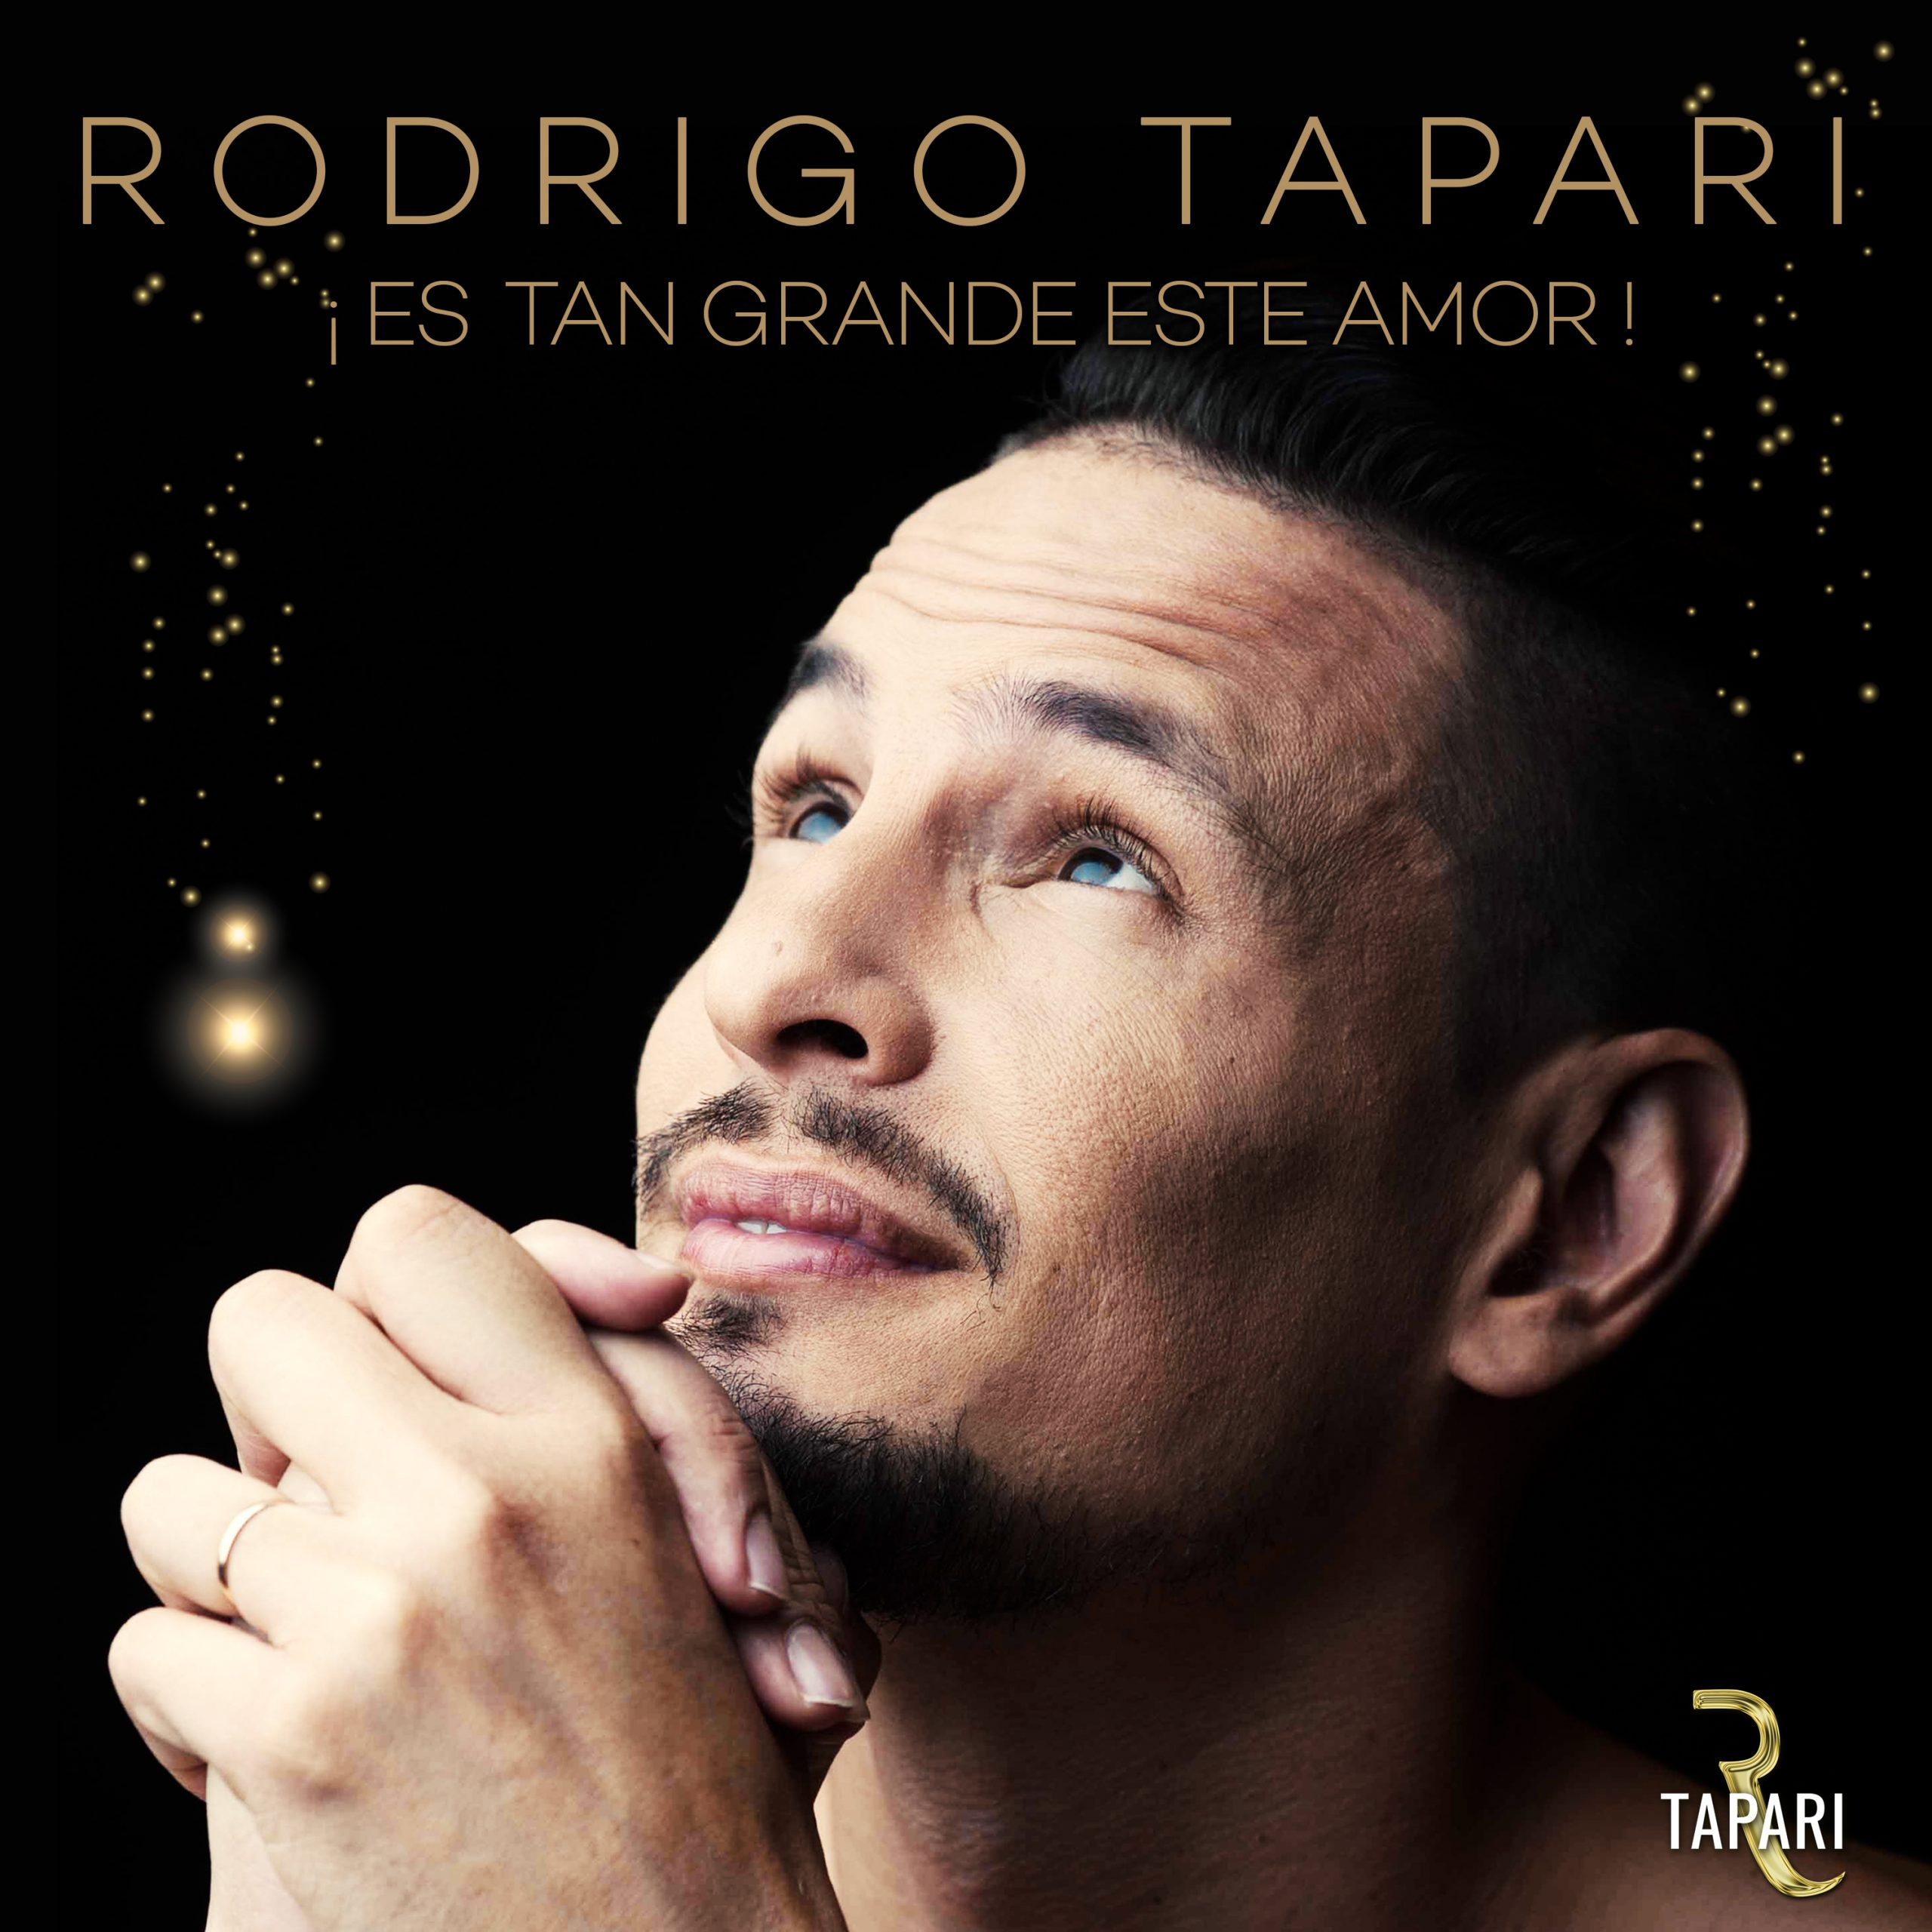 Actriz Porno Habla De Problemas De Pecho Grande rodrigo tapari - es tan grande este amor, el Álbum - mojo